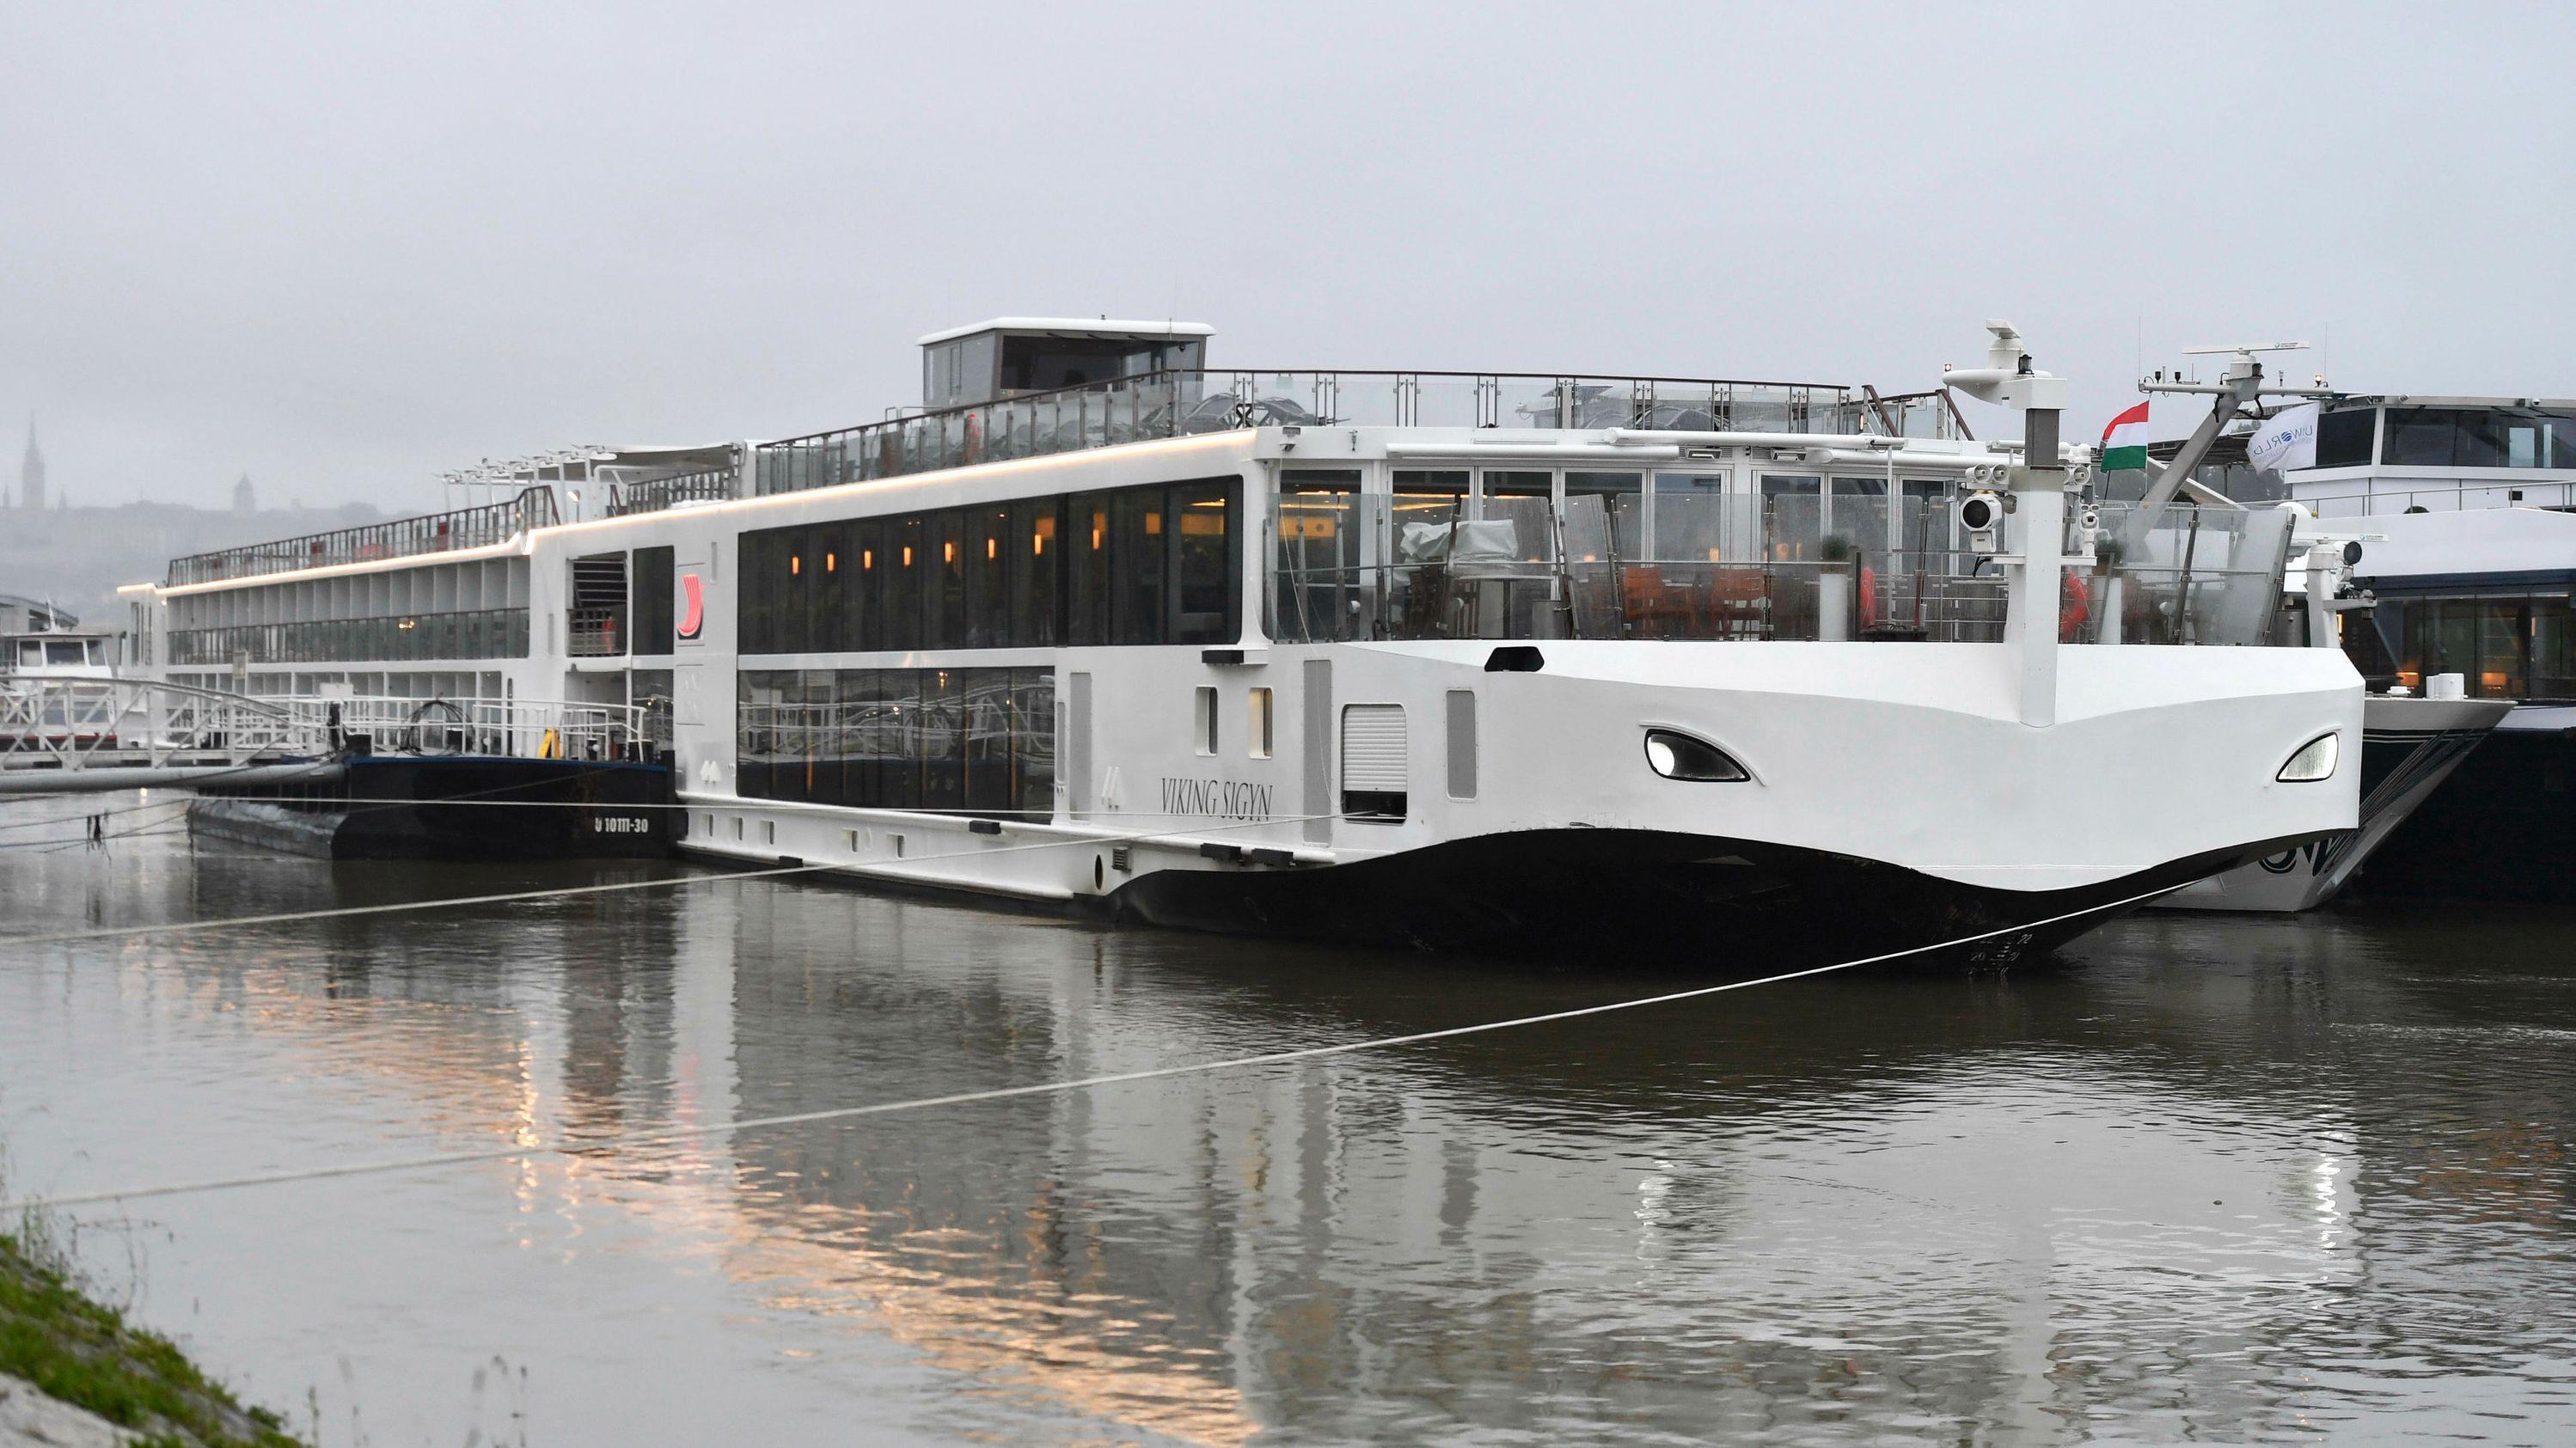 Das Flusskreuzfahrtschiff Viking Sigyn liegt auf der Donau in der Innenstadt von Budapest